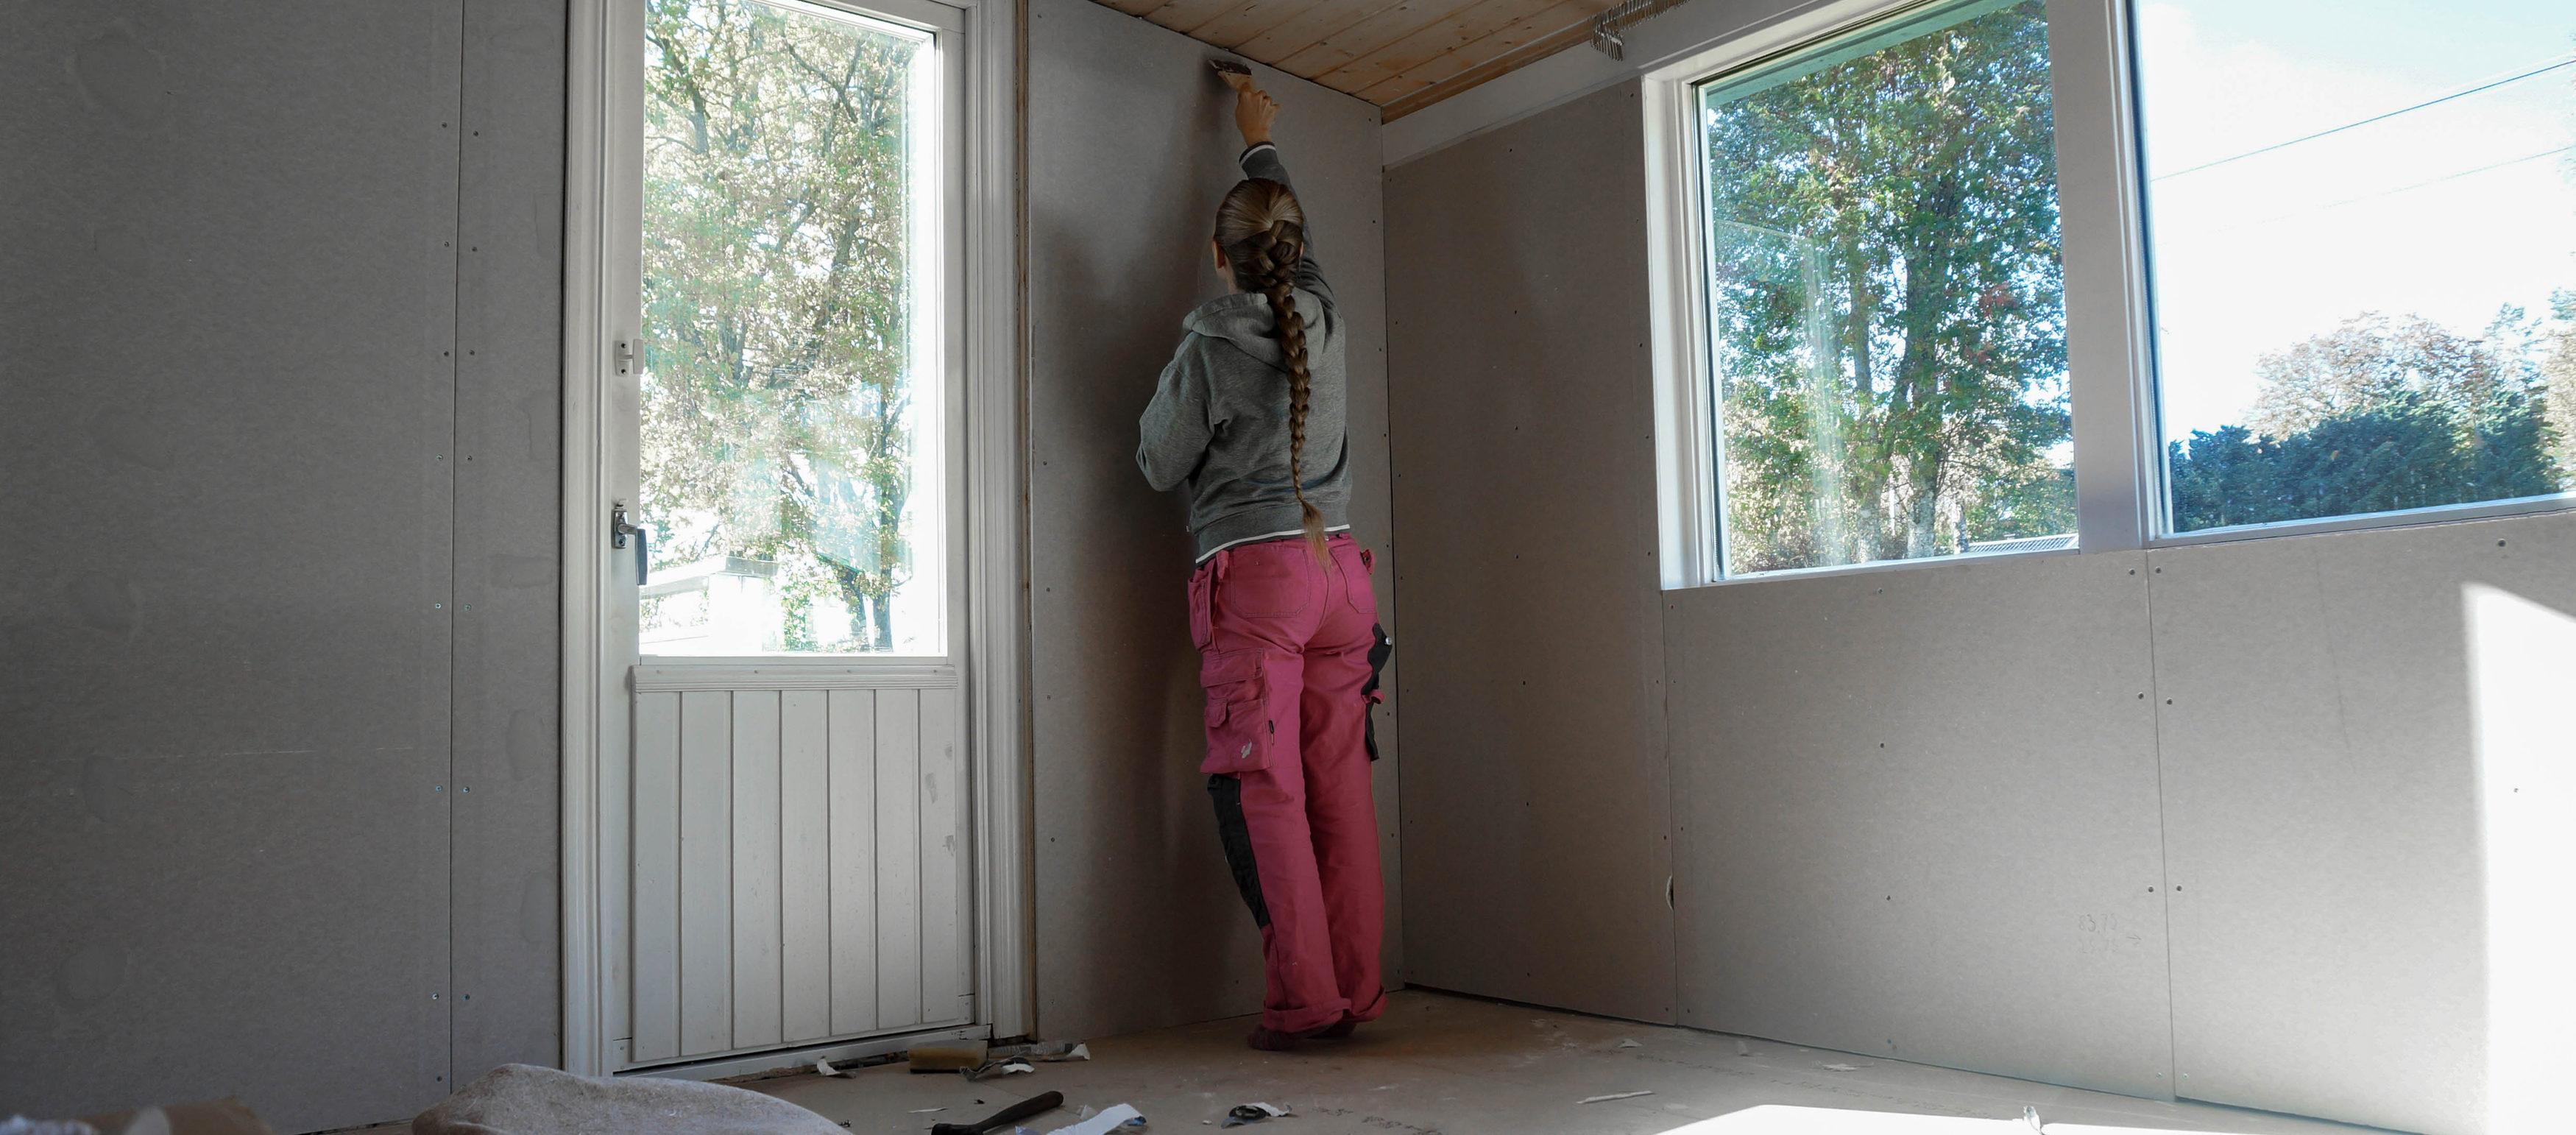 """dfee1835ff0 Även vardagsrummet fick en påbörjad liten """"uppiffning"""" och även om det är  en del kvar (den hemska heltäckningsmattan har vi ännu inte blivit av med  tex) så ..."""